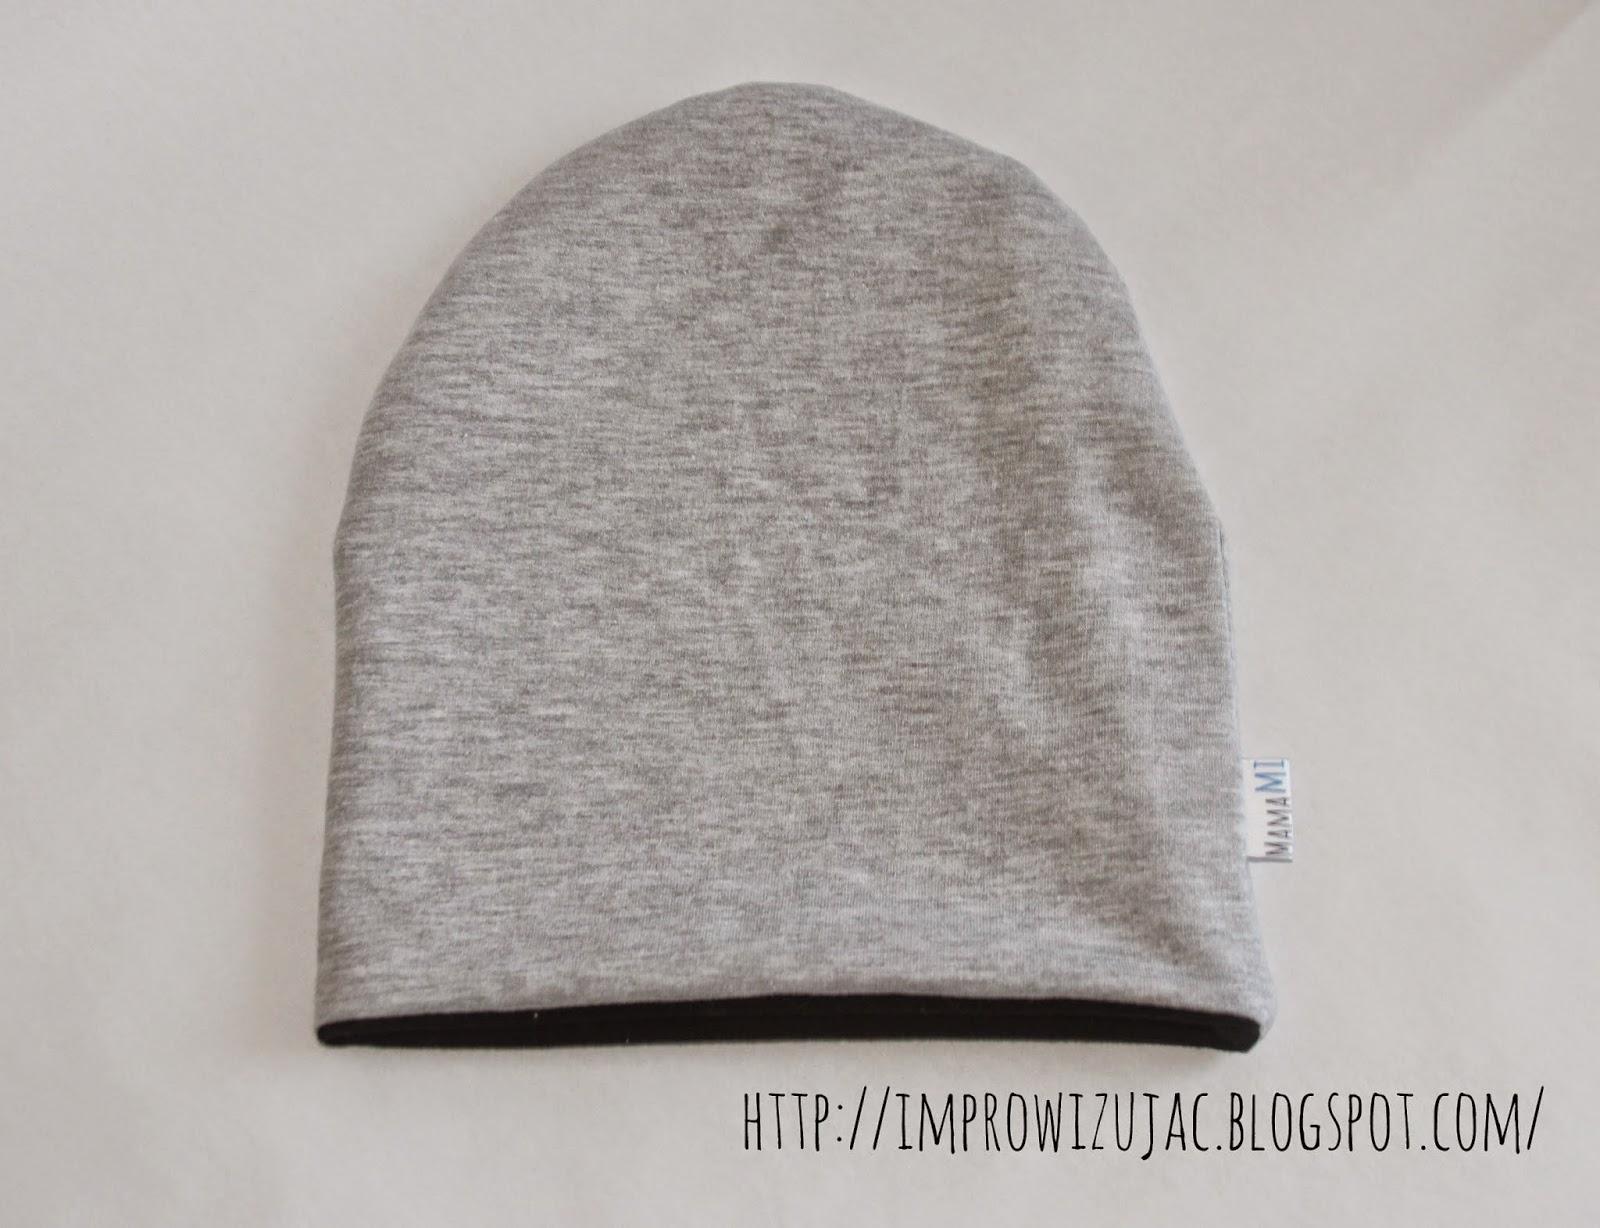 czapka z dresu